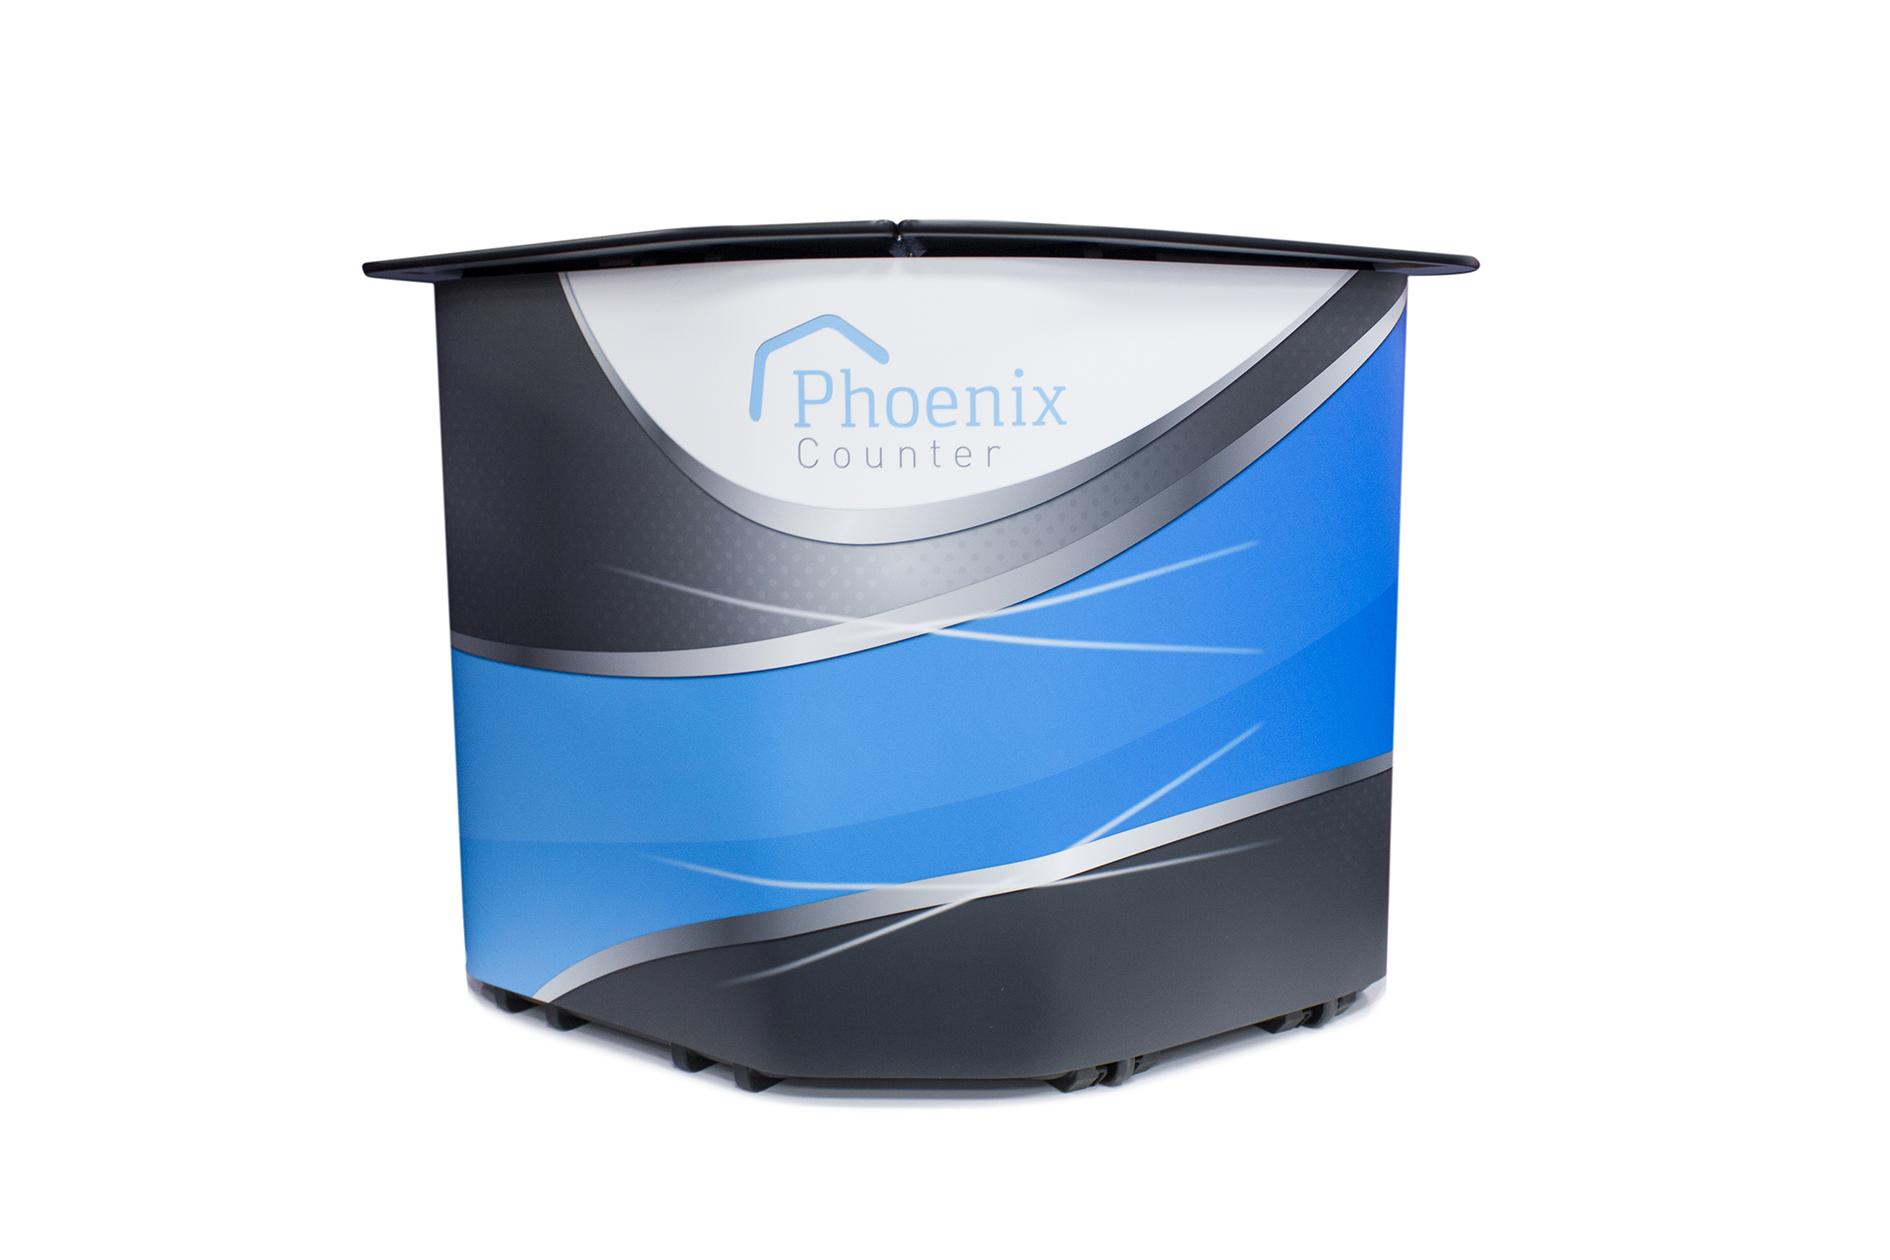 Phoenix Counter